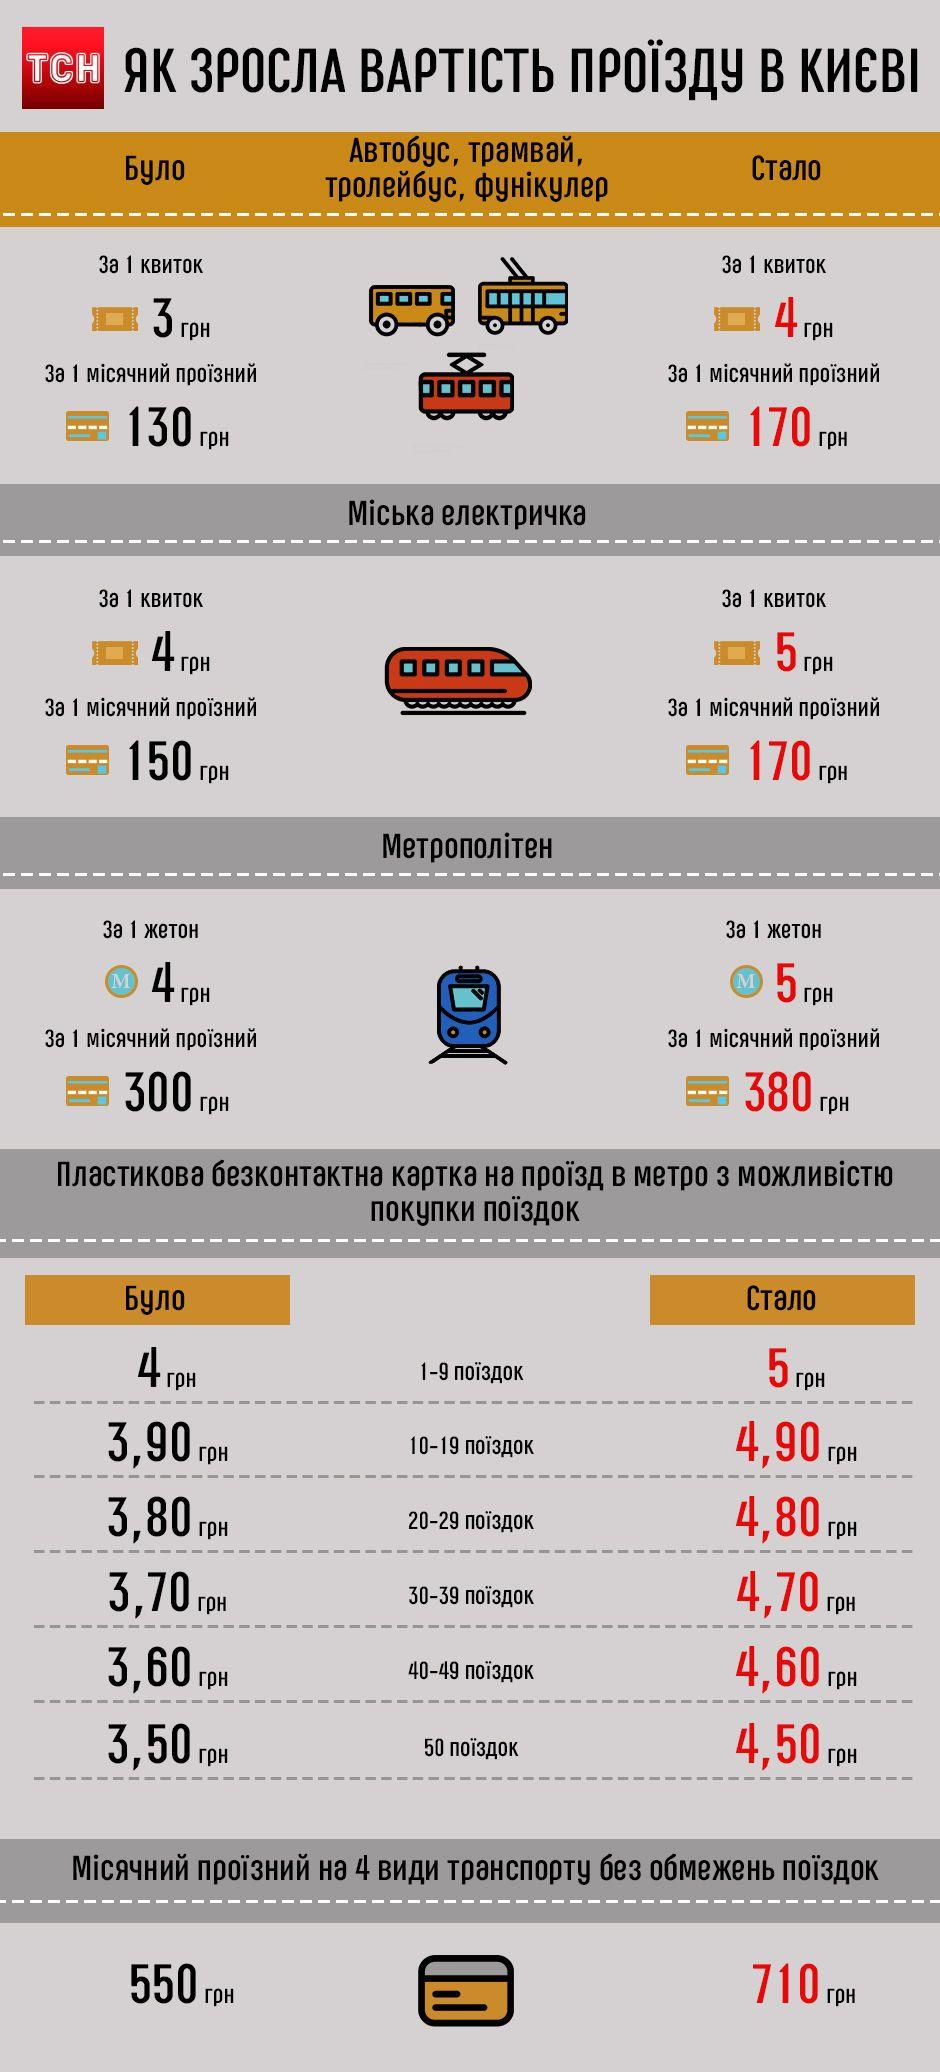 вартість проїзду у транспорті, інфографіка